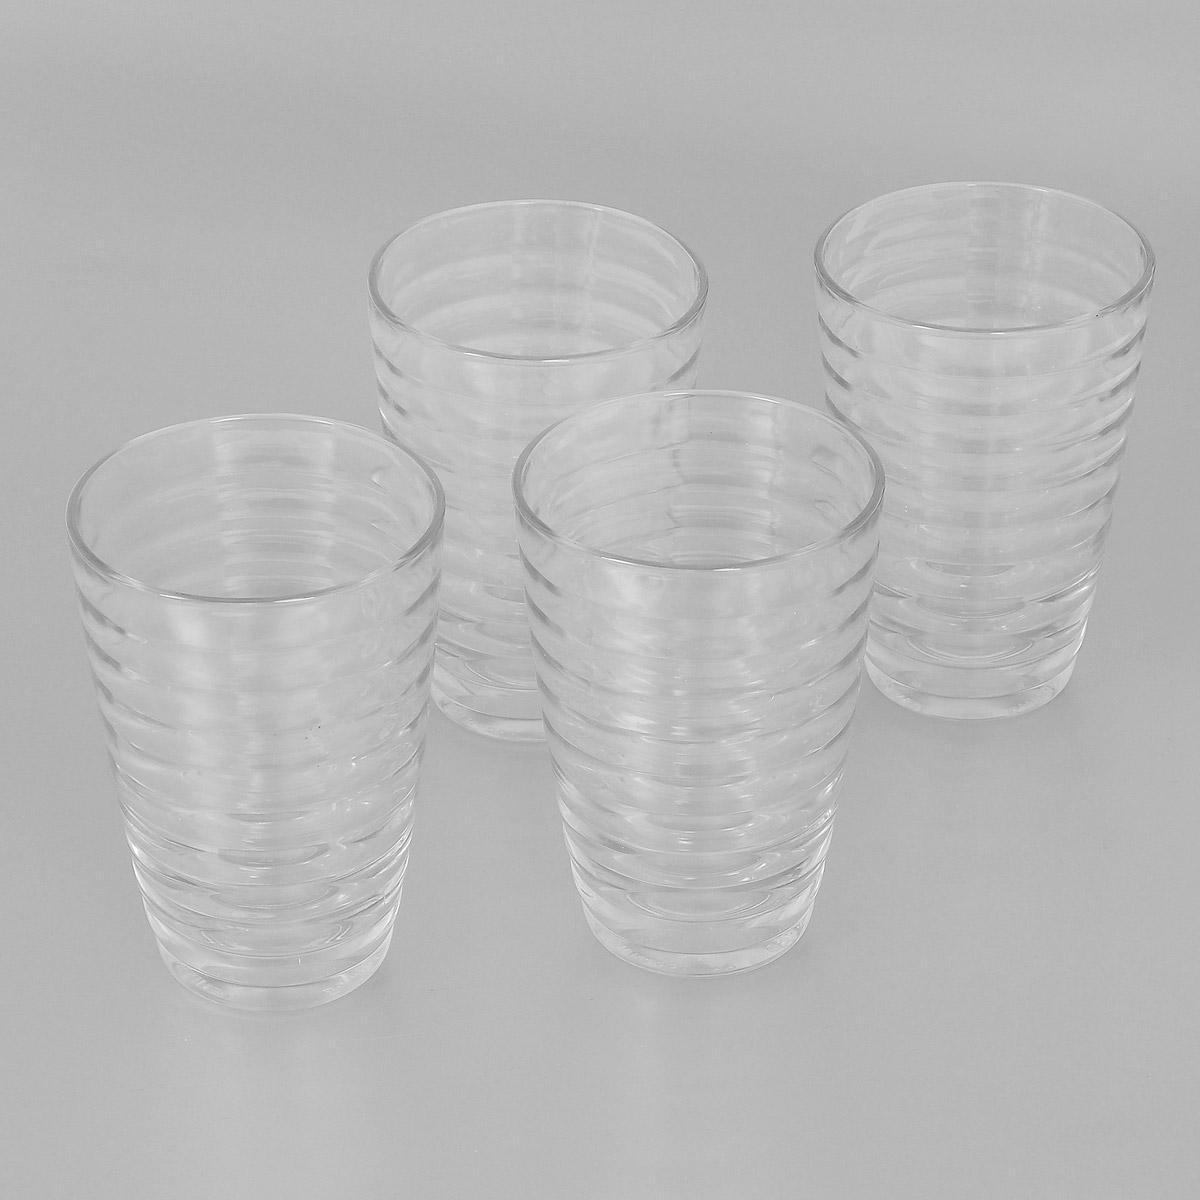 Набор стаканов Bormioli Rocco Viva, 340 мл, 4 шт515020СМ1821990Набор Bormioli Rocco Viva, выполненный из стекла, состоит из 4 высоких стаканов. Стаканы предназначены для подачи холодных напитков. Изделия ударопрочные, выдерживают температуру от -20°С до 100°С, также можно использовать в посудомоечной машине и в микроволновой печи. С внешней стороны поверхность стаканов рельефная, что создает эффект игры света и преломления. Благодаря такому набору пить напитки будет еще вкуснее. Стаканы Bormioli Rocco Viva станут идеальным украшением праздничного стола и отличным подарком к любому празднику. С 1825 года компания Bormioli Rocco производит высококачественную посуду из стекла. На сегодняшний день это мировой лидер на рынке производства стеклянных изделий. Ассортимент, предлагаемый Bormioli Rocco необычайно широк - это бокалы, фужеры, рюмки, графины, кувшины, банки для сыпучих продуктов и консервирования, тарелки, салатники, чашки, контейнеры различных емкостей, предназначенные для хранения продуктов в холодильниках и...